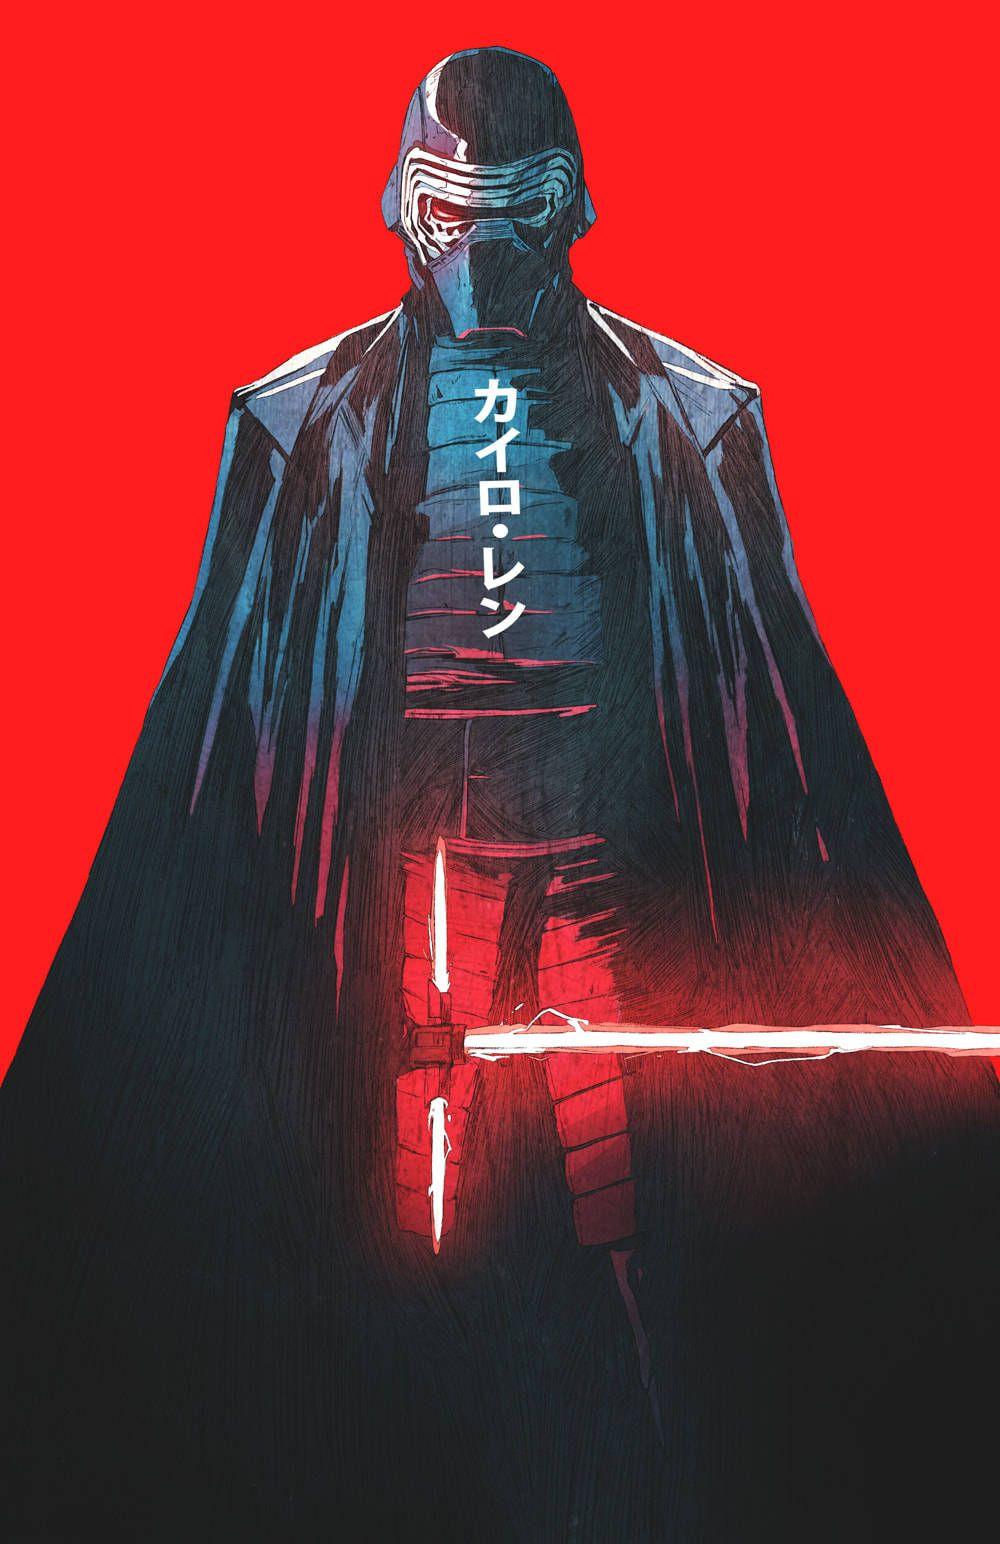 cgi kylo ren in 2020 Star wars pictures, Star wars